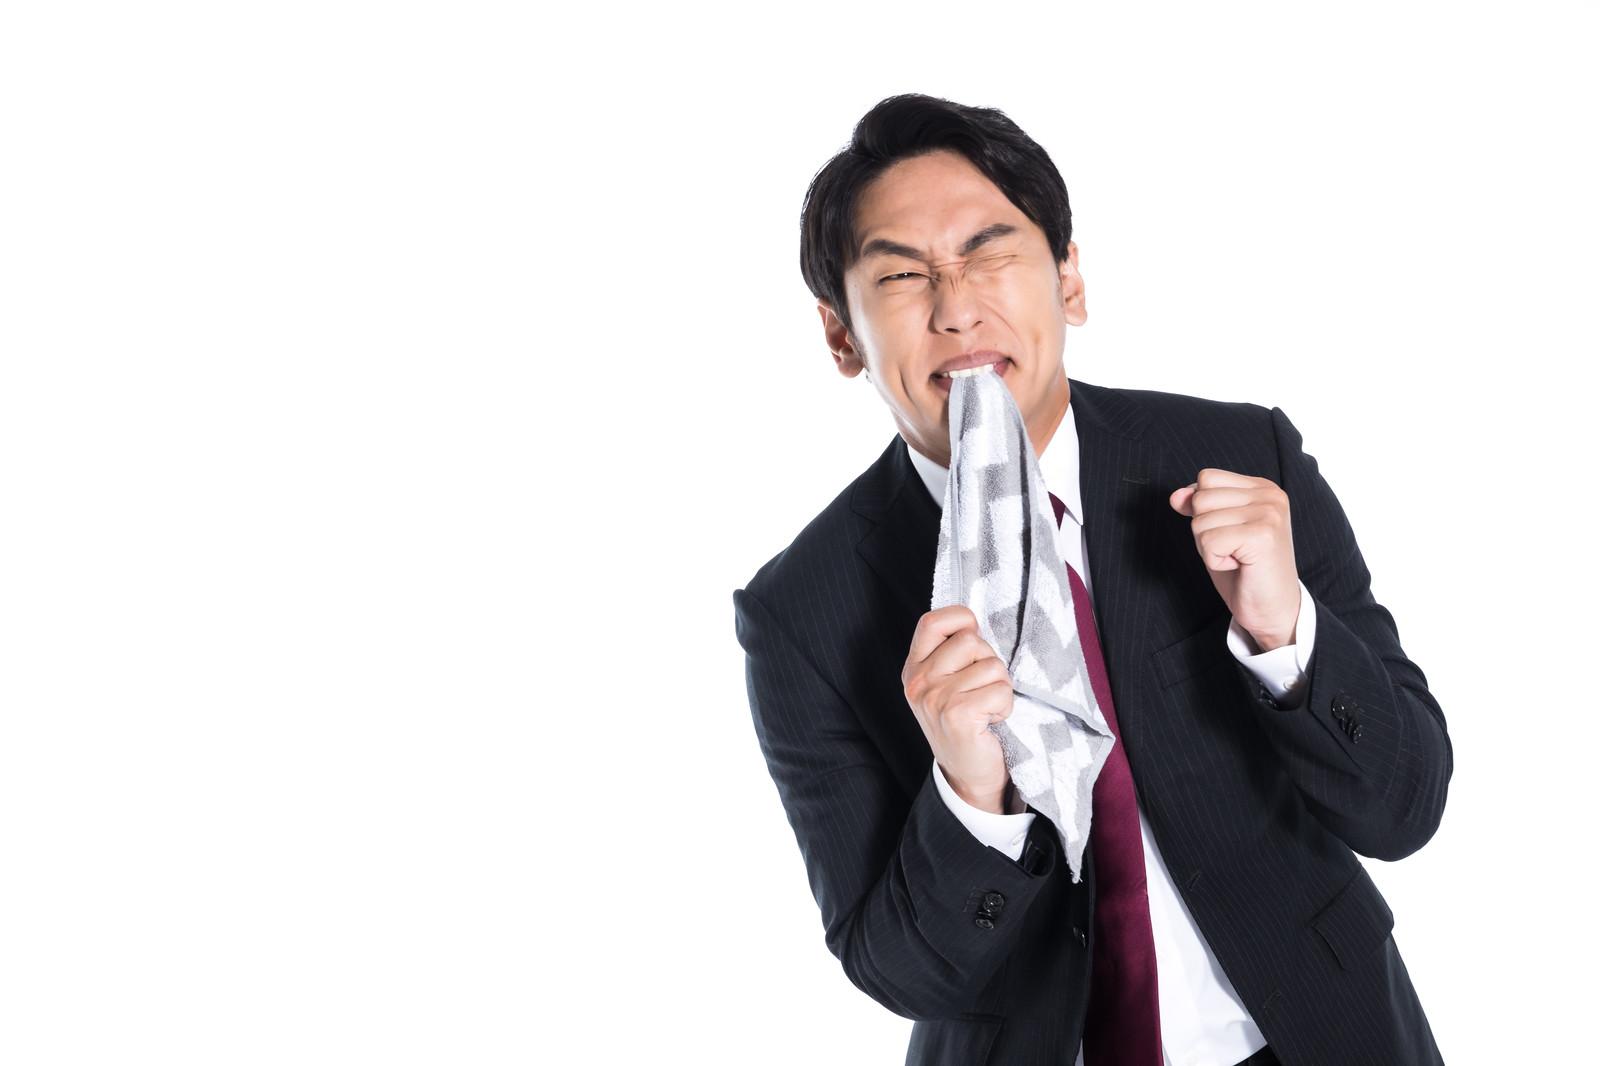 評判の悪い派遣会社を見分ける方法